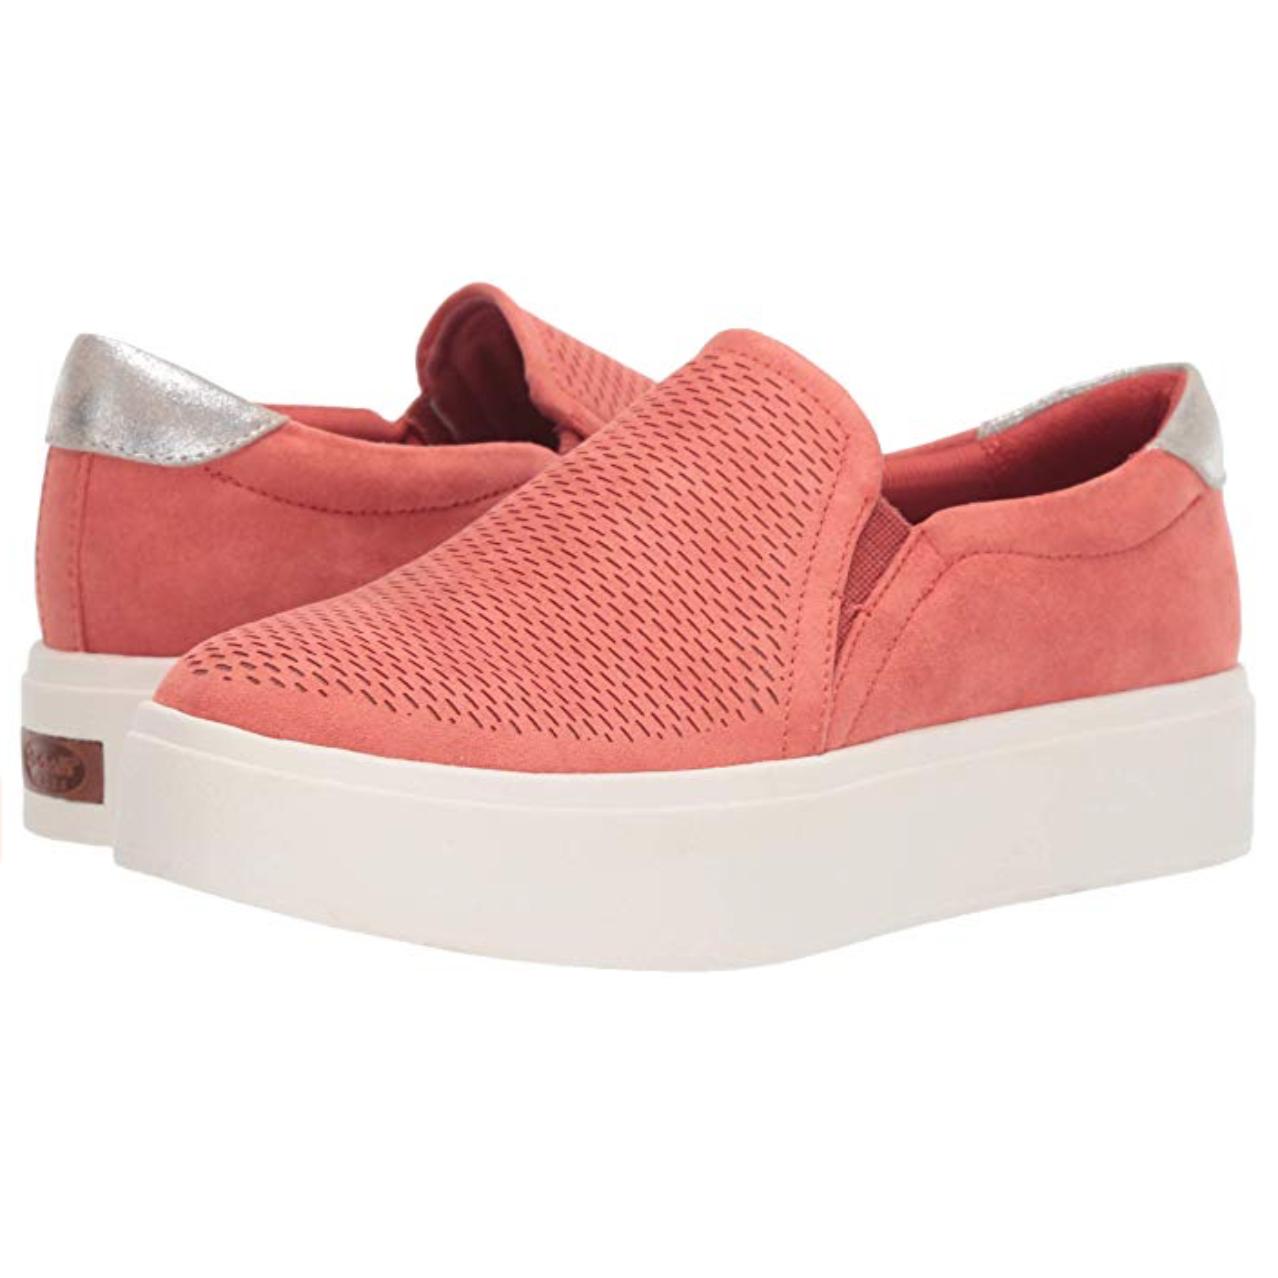 dr scholls comfort platform sneaker